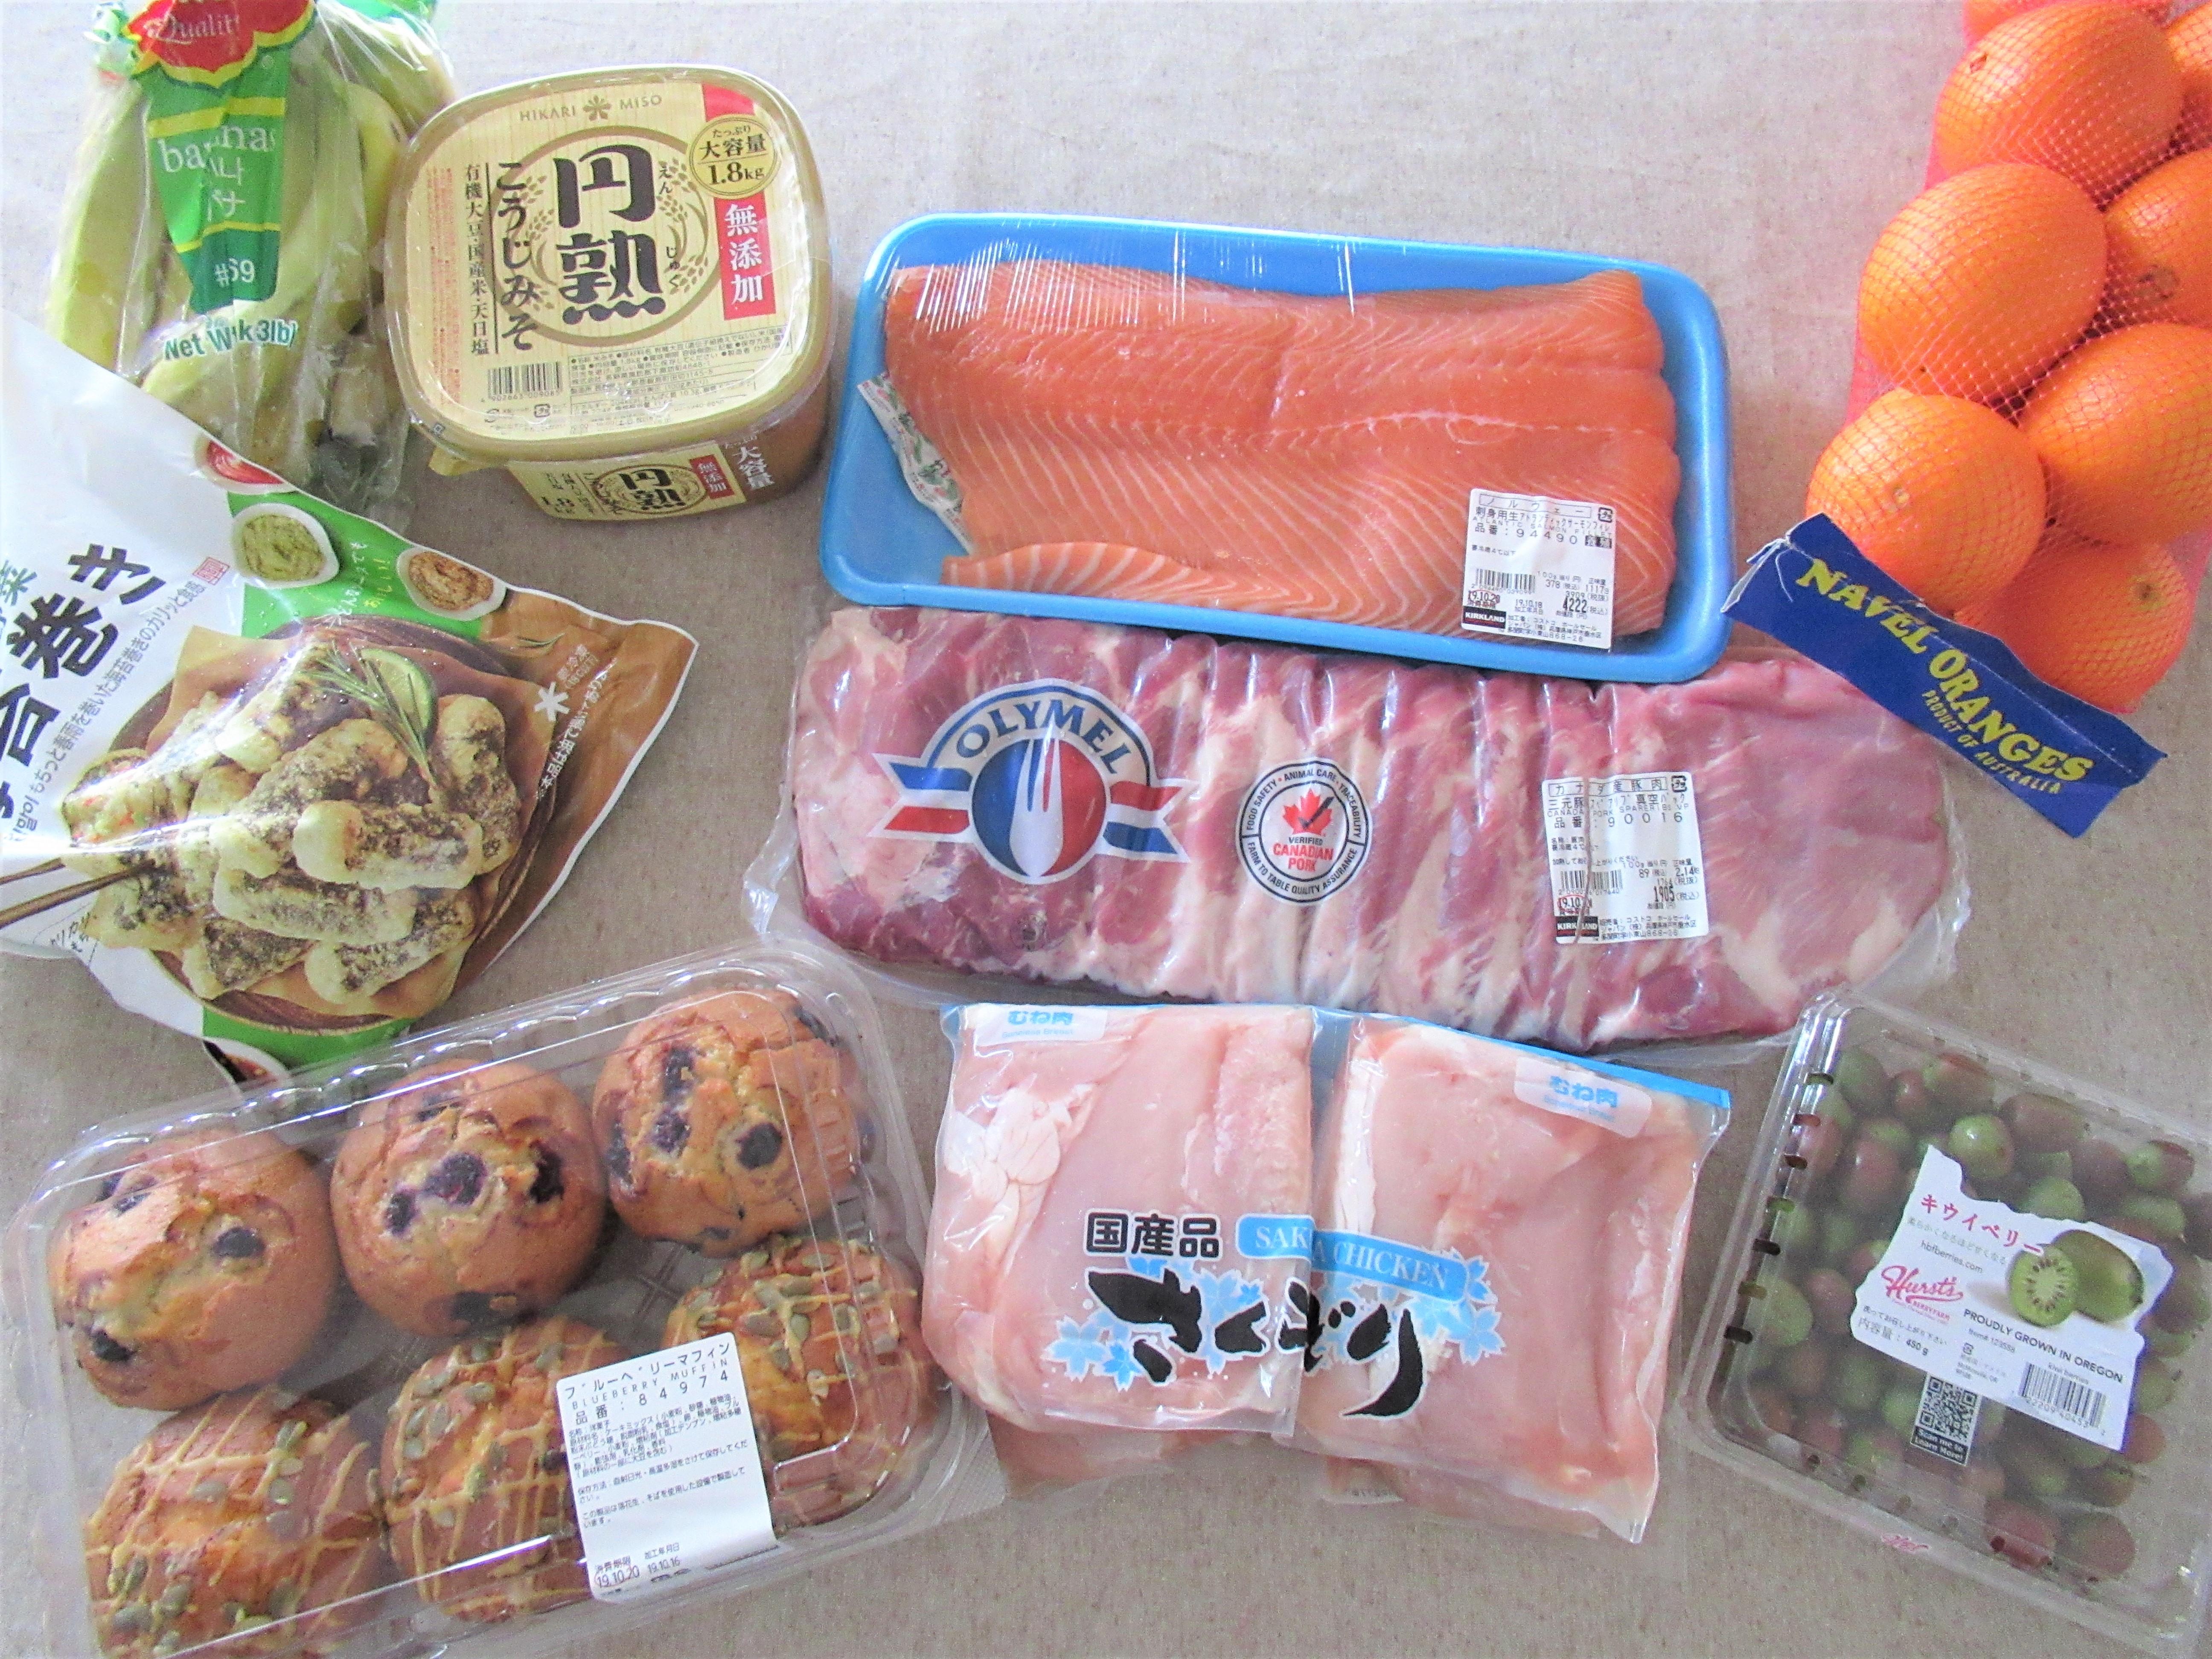 コストコ購入品☆人気商品bibigo海苔巻きと初めて買ってみた食材|ラク家事ブログ